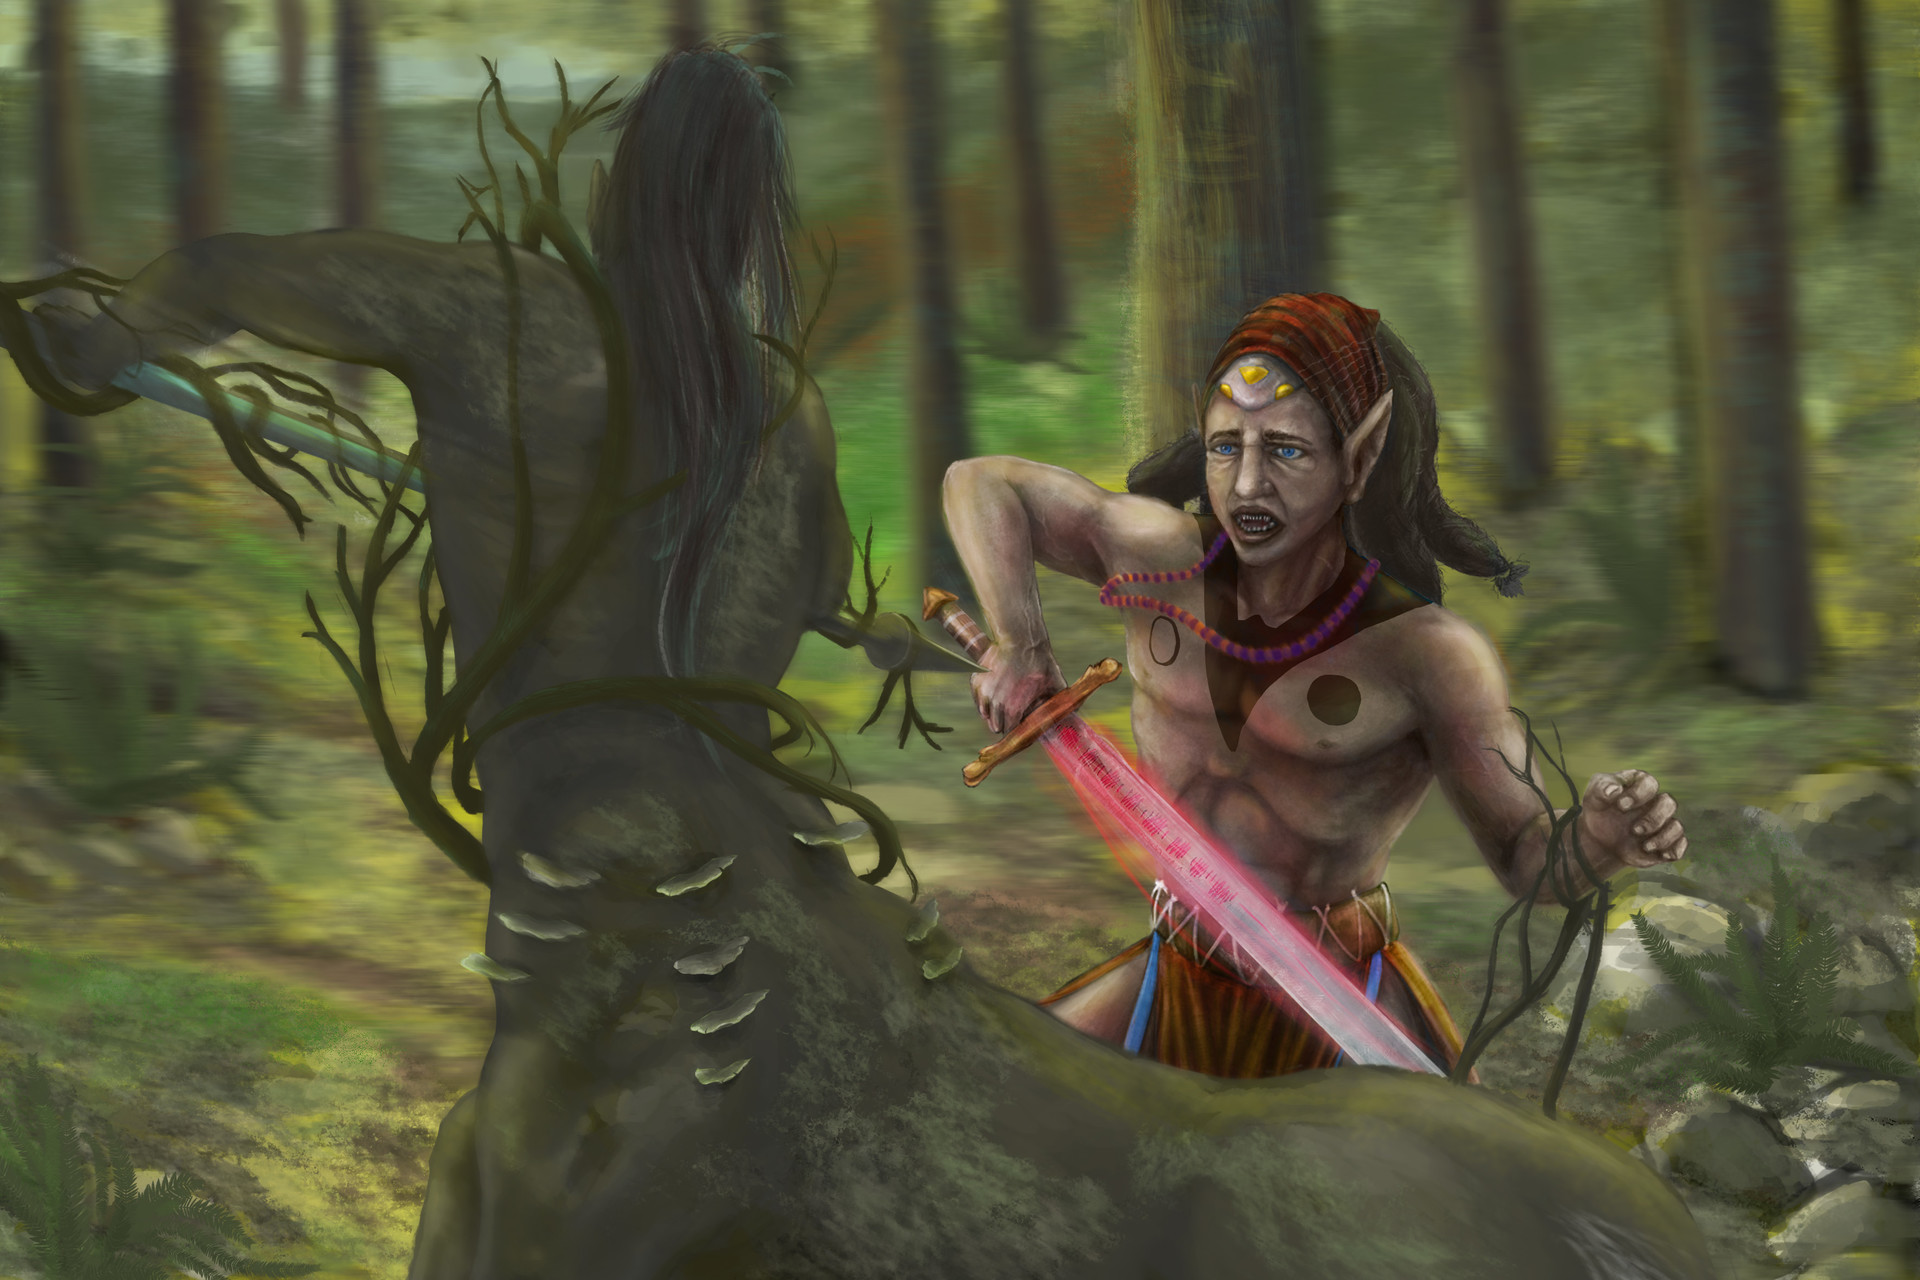 Italo gaspar luta de elfo cavalo com tattoo